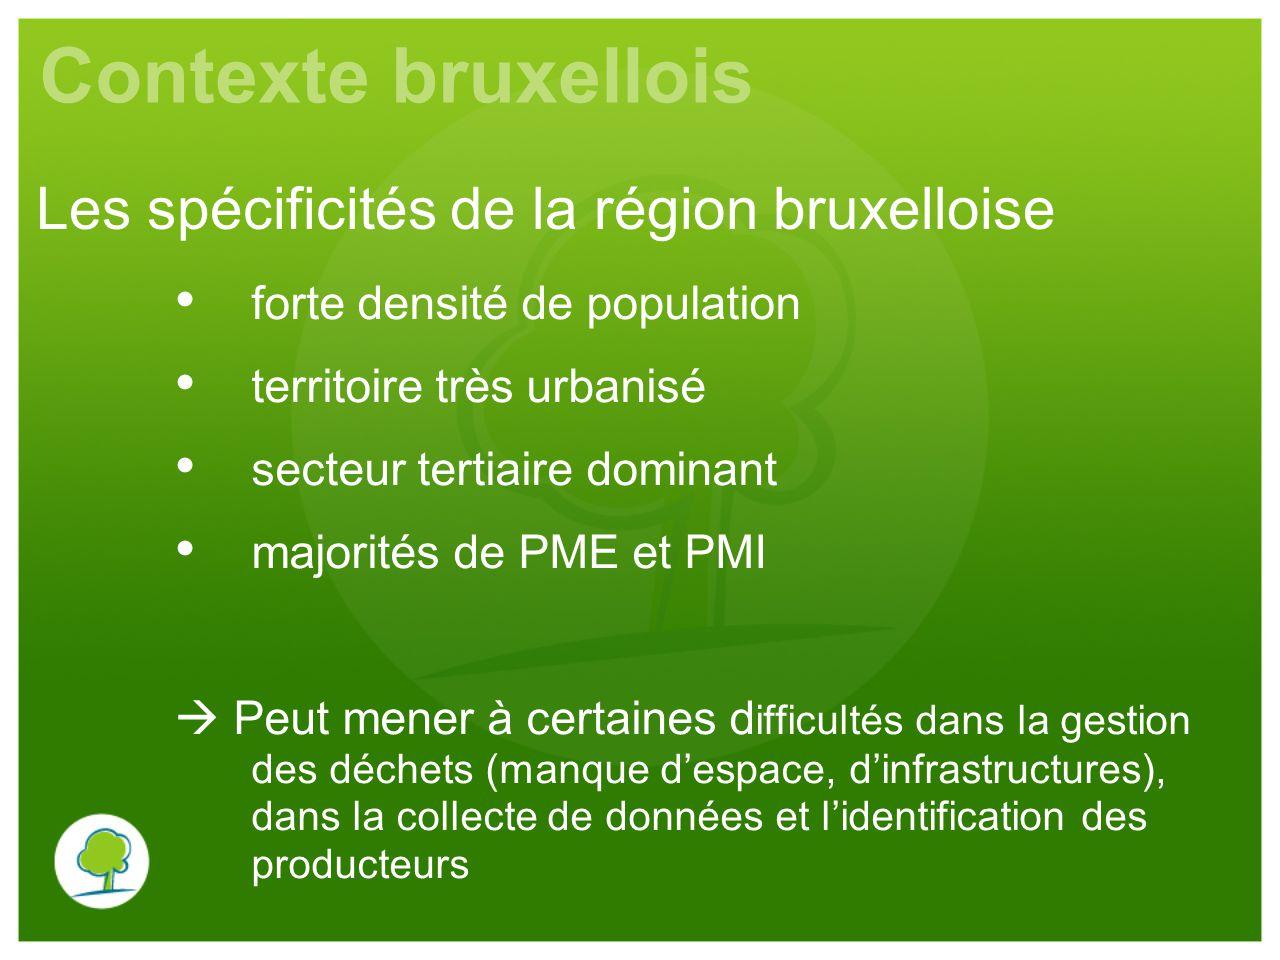 Contexte bruxellois Les spécificités de la région bruxelloise